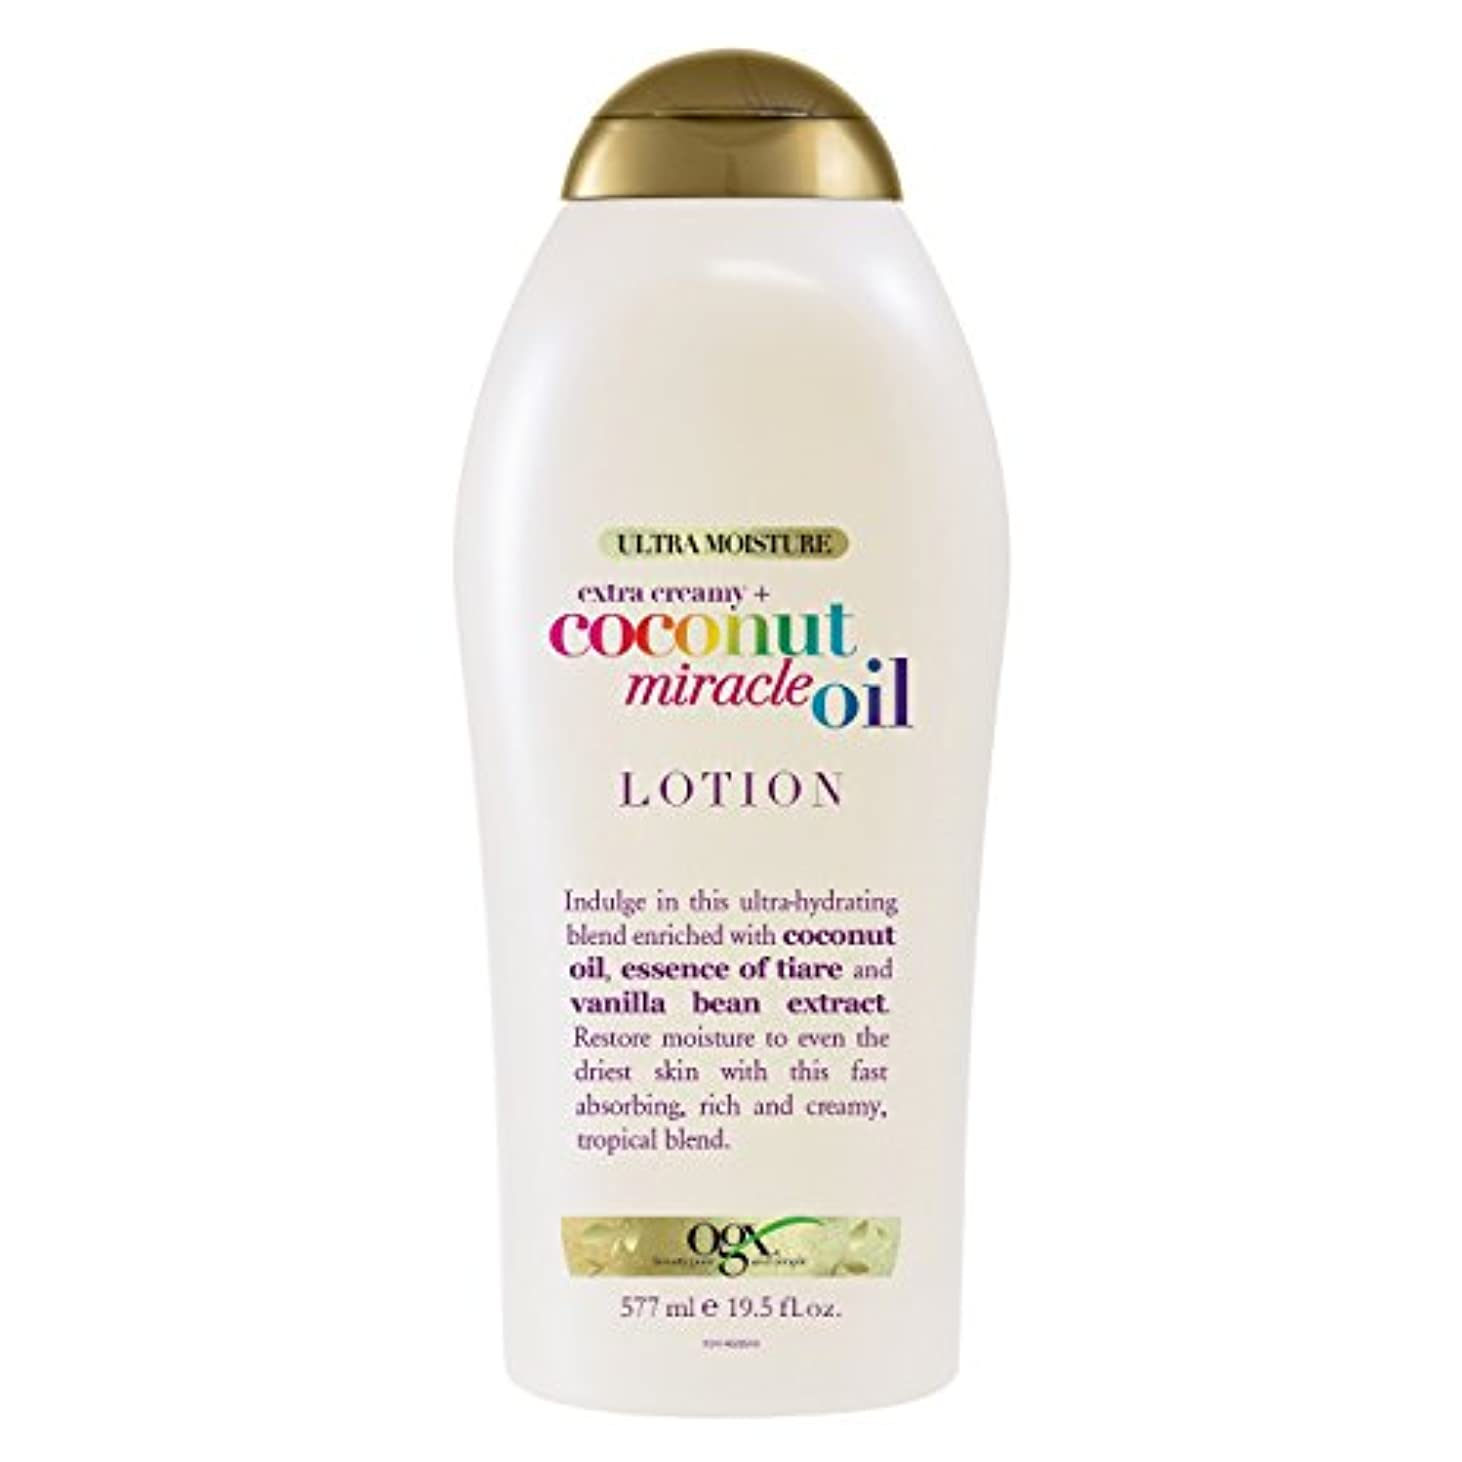 水を飲む手錠フォークOGX ミラクル ココナッツ オイル ボディローション Body Lotion Coconut Oil Miracle 19.5 Ounce (577ml) [並行輸入品]